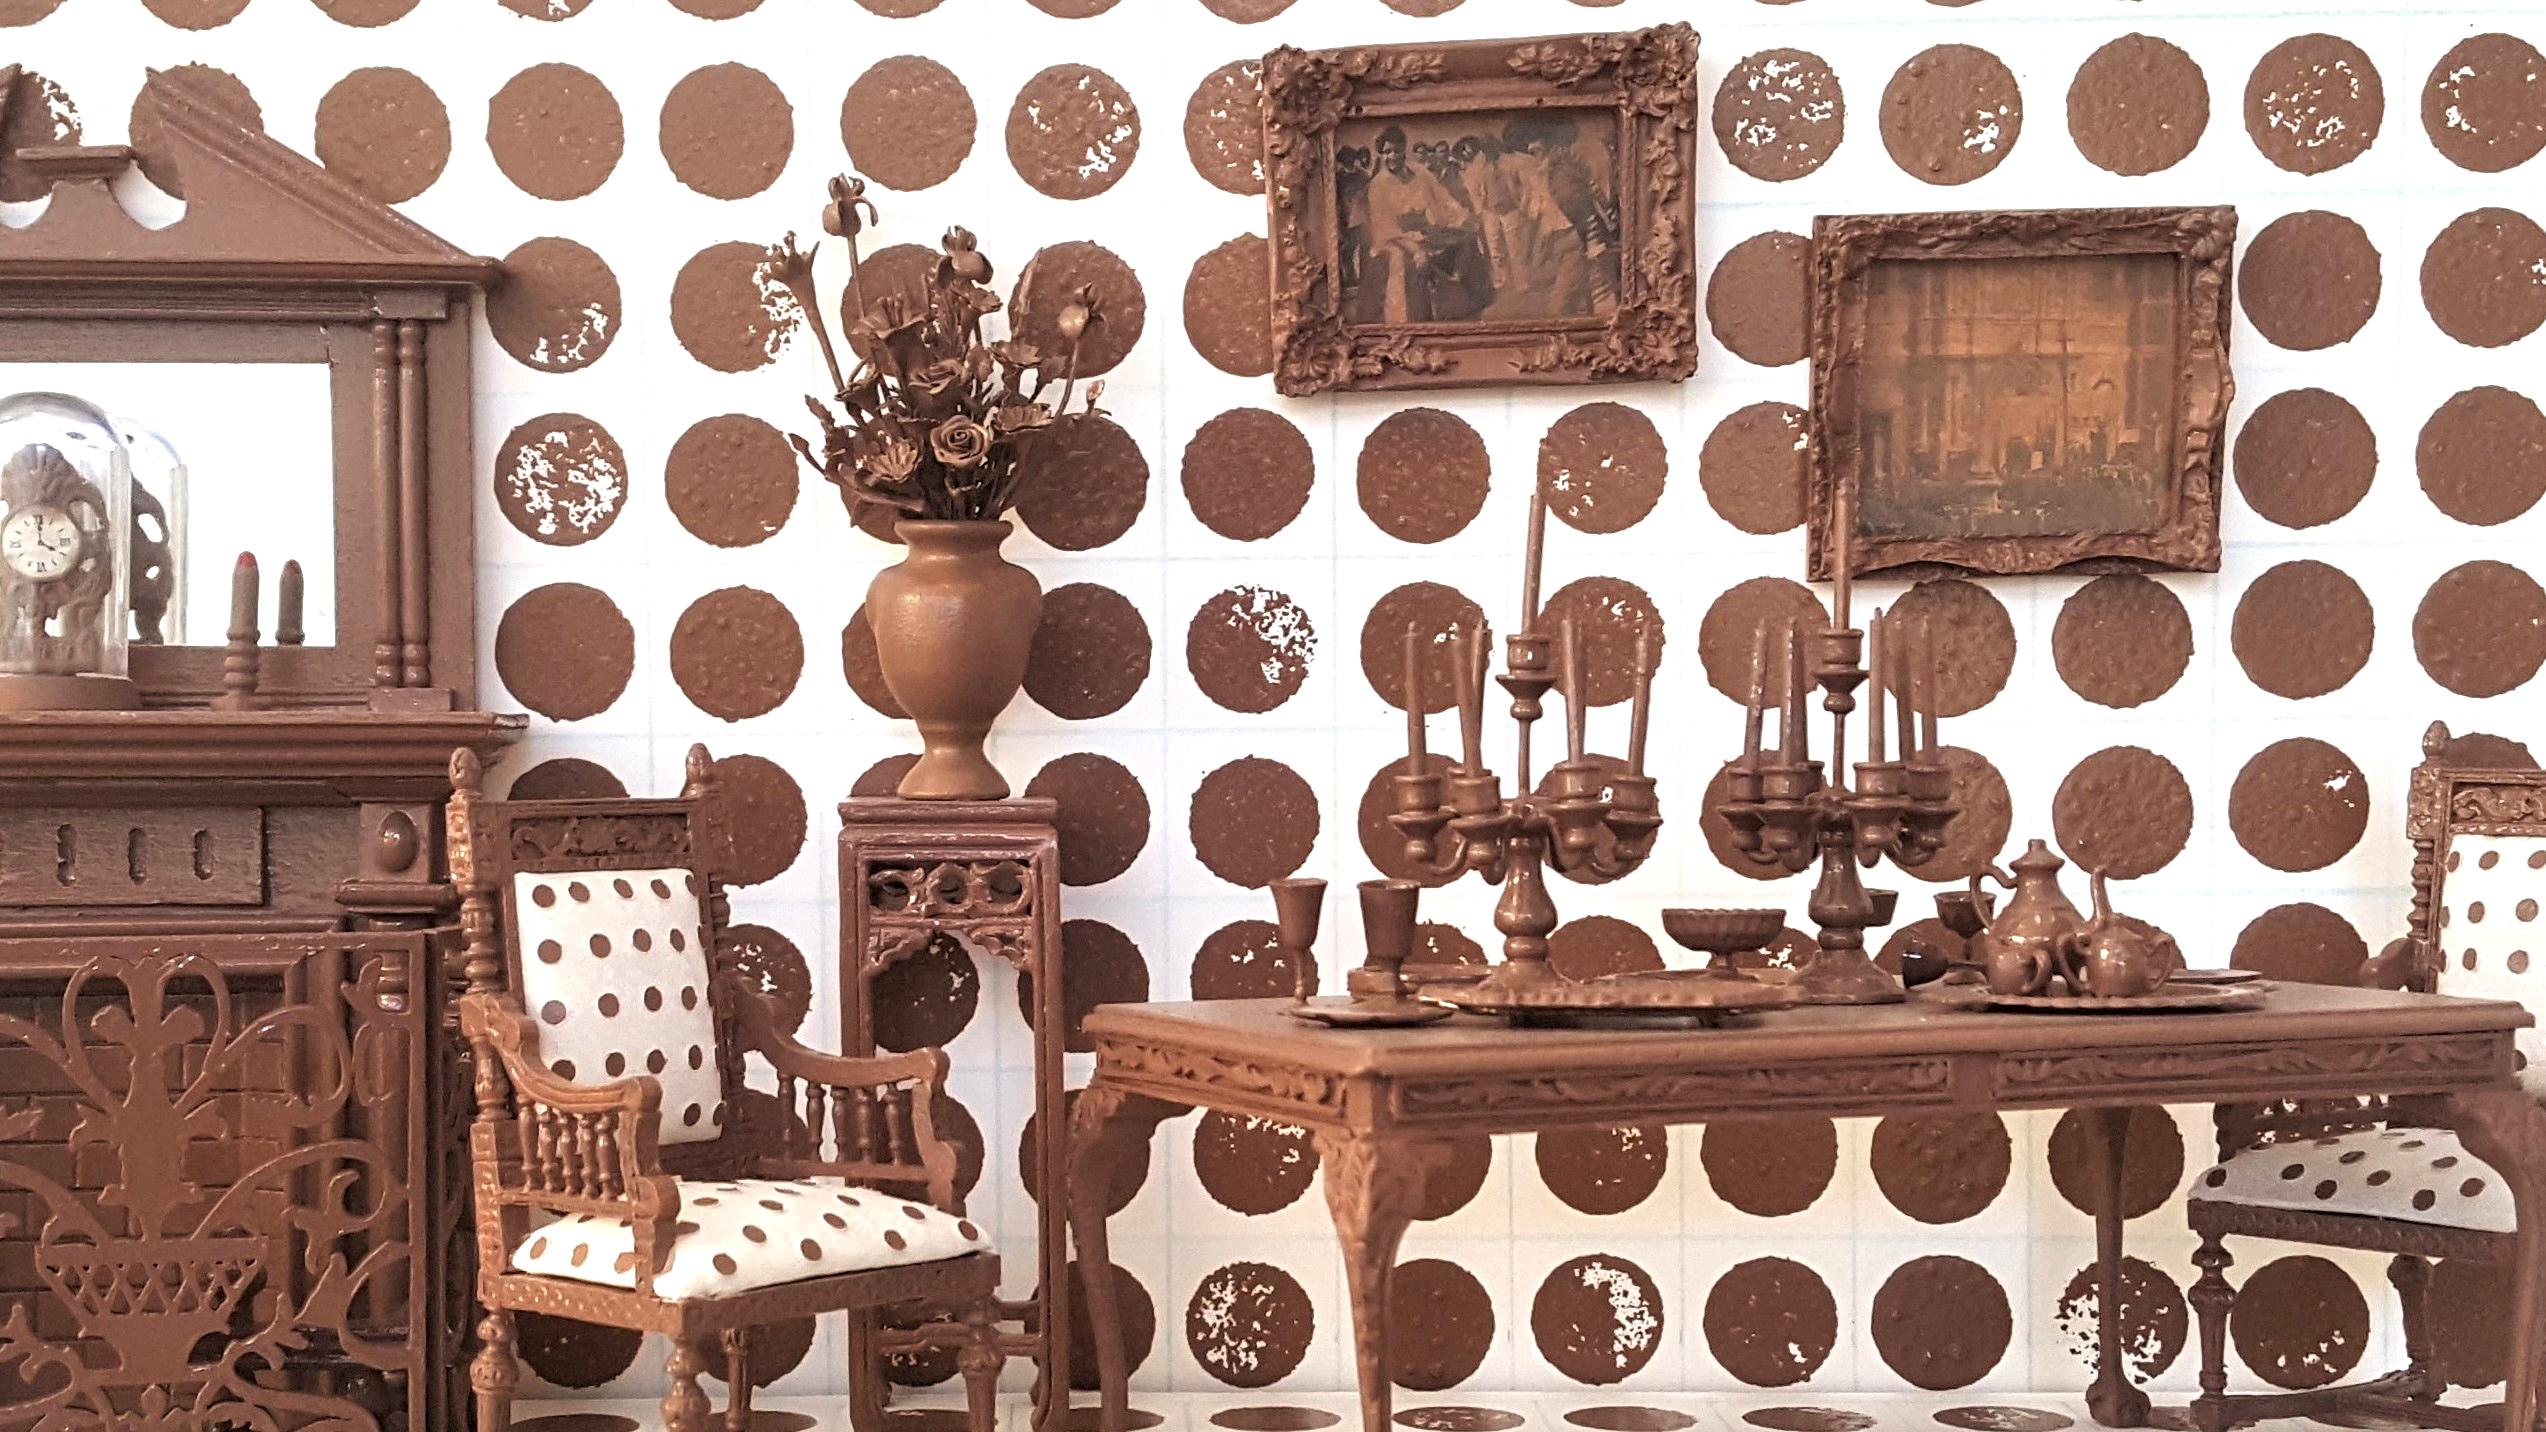 Museum of Latin American Art MOLAA SOLO 2022